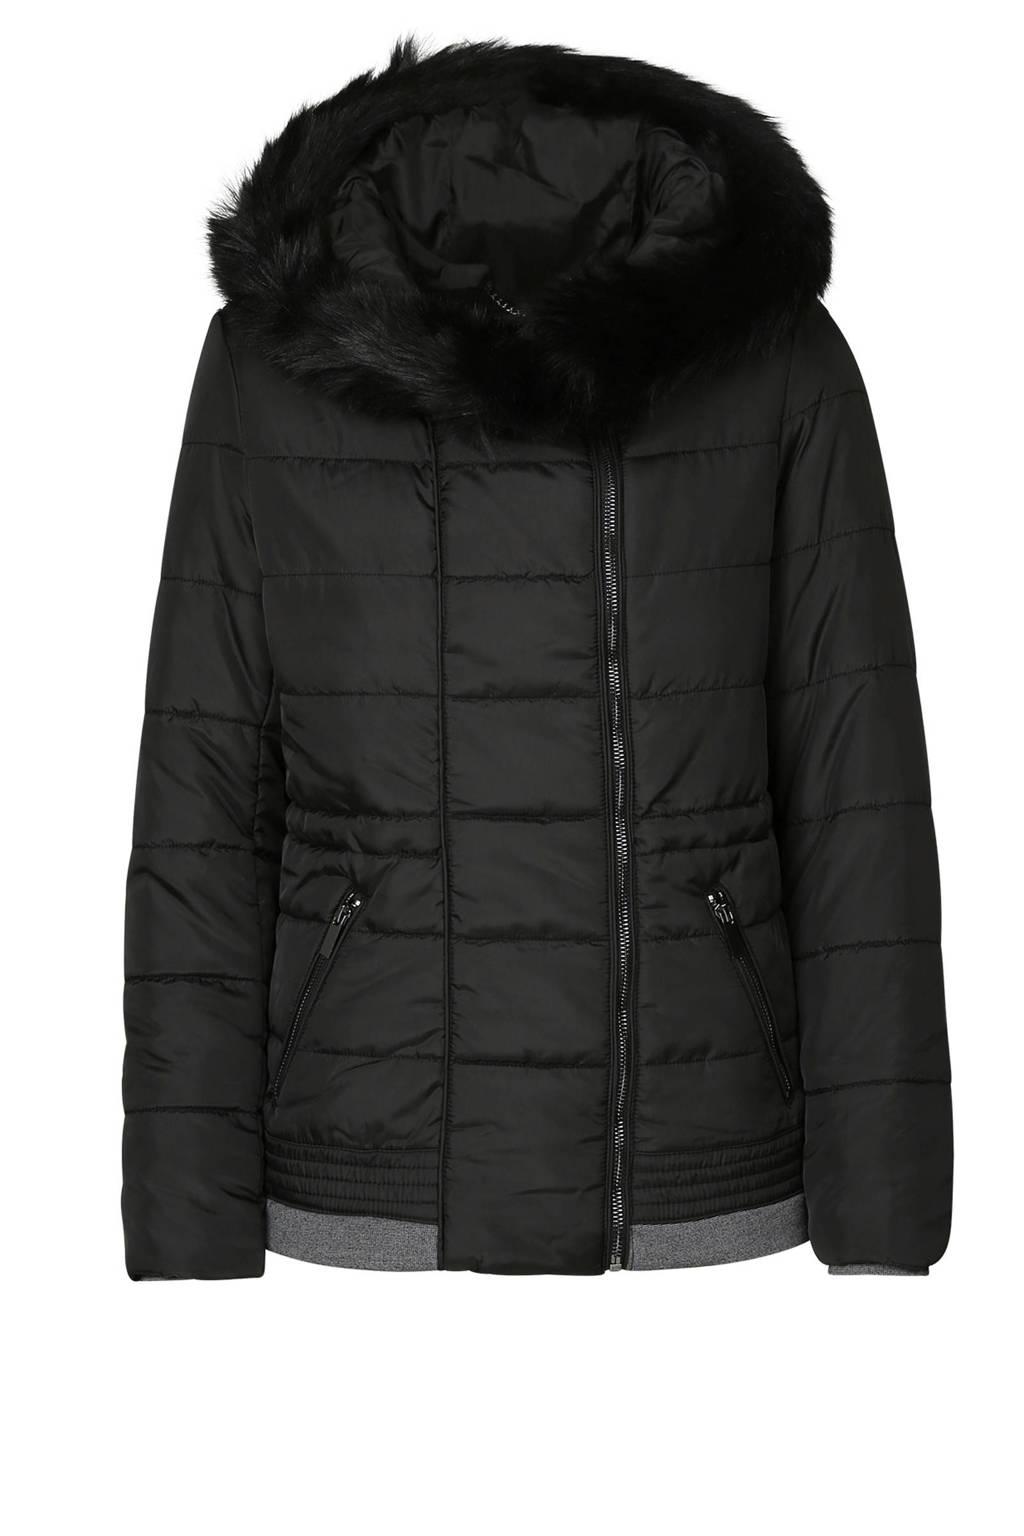 Cassis gewatteerde winterjas zwart, Zwart